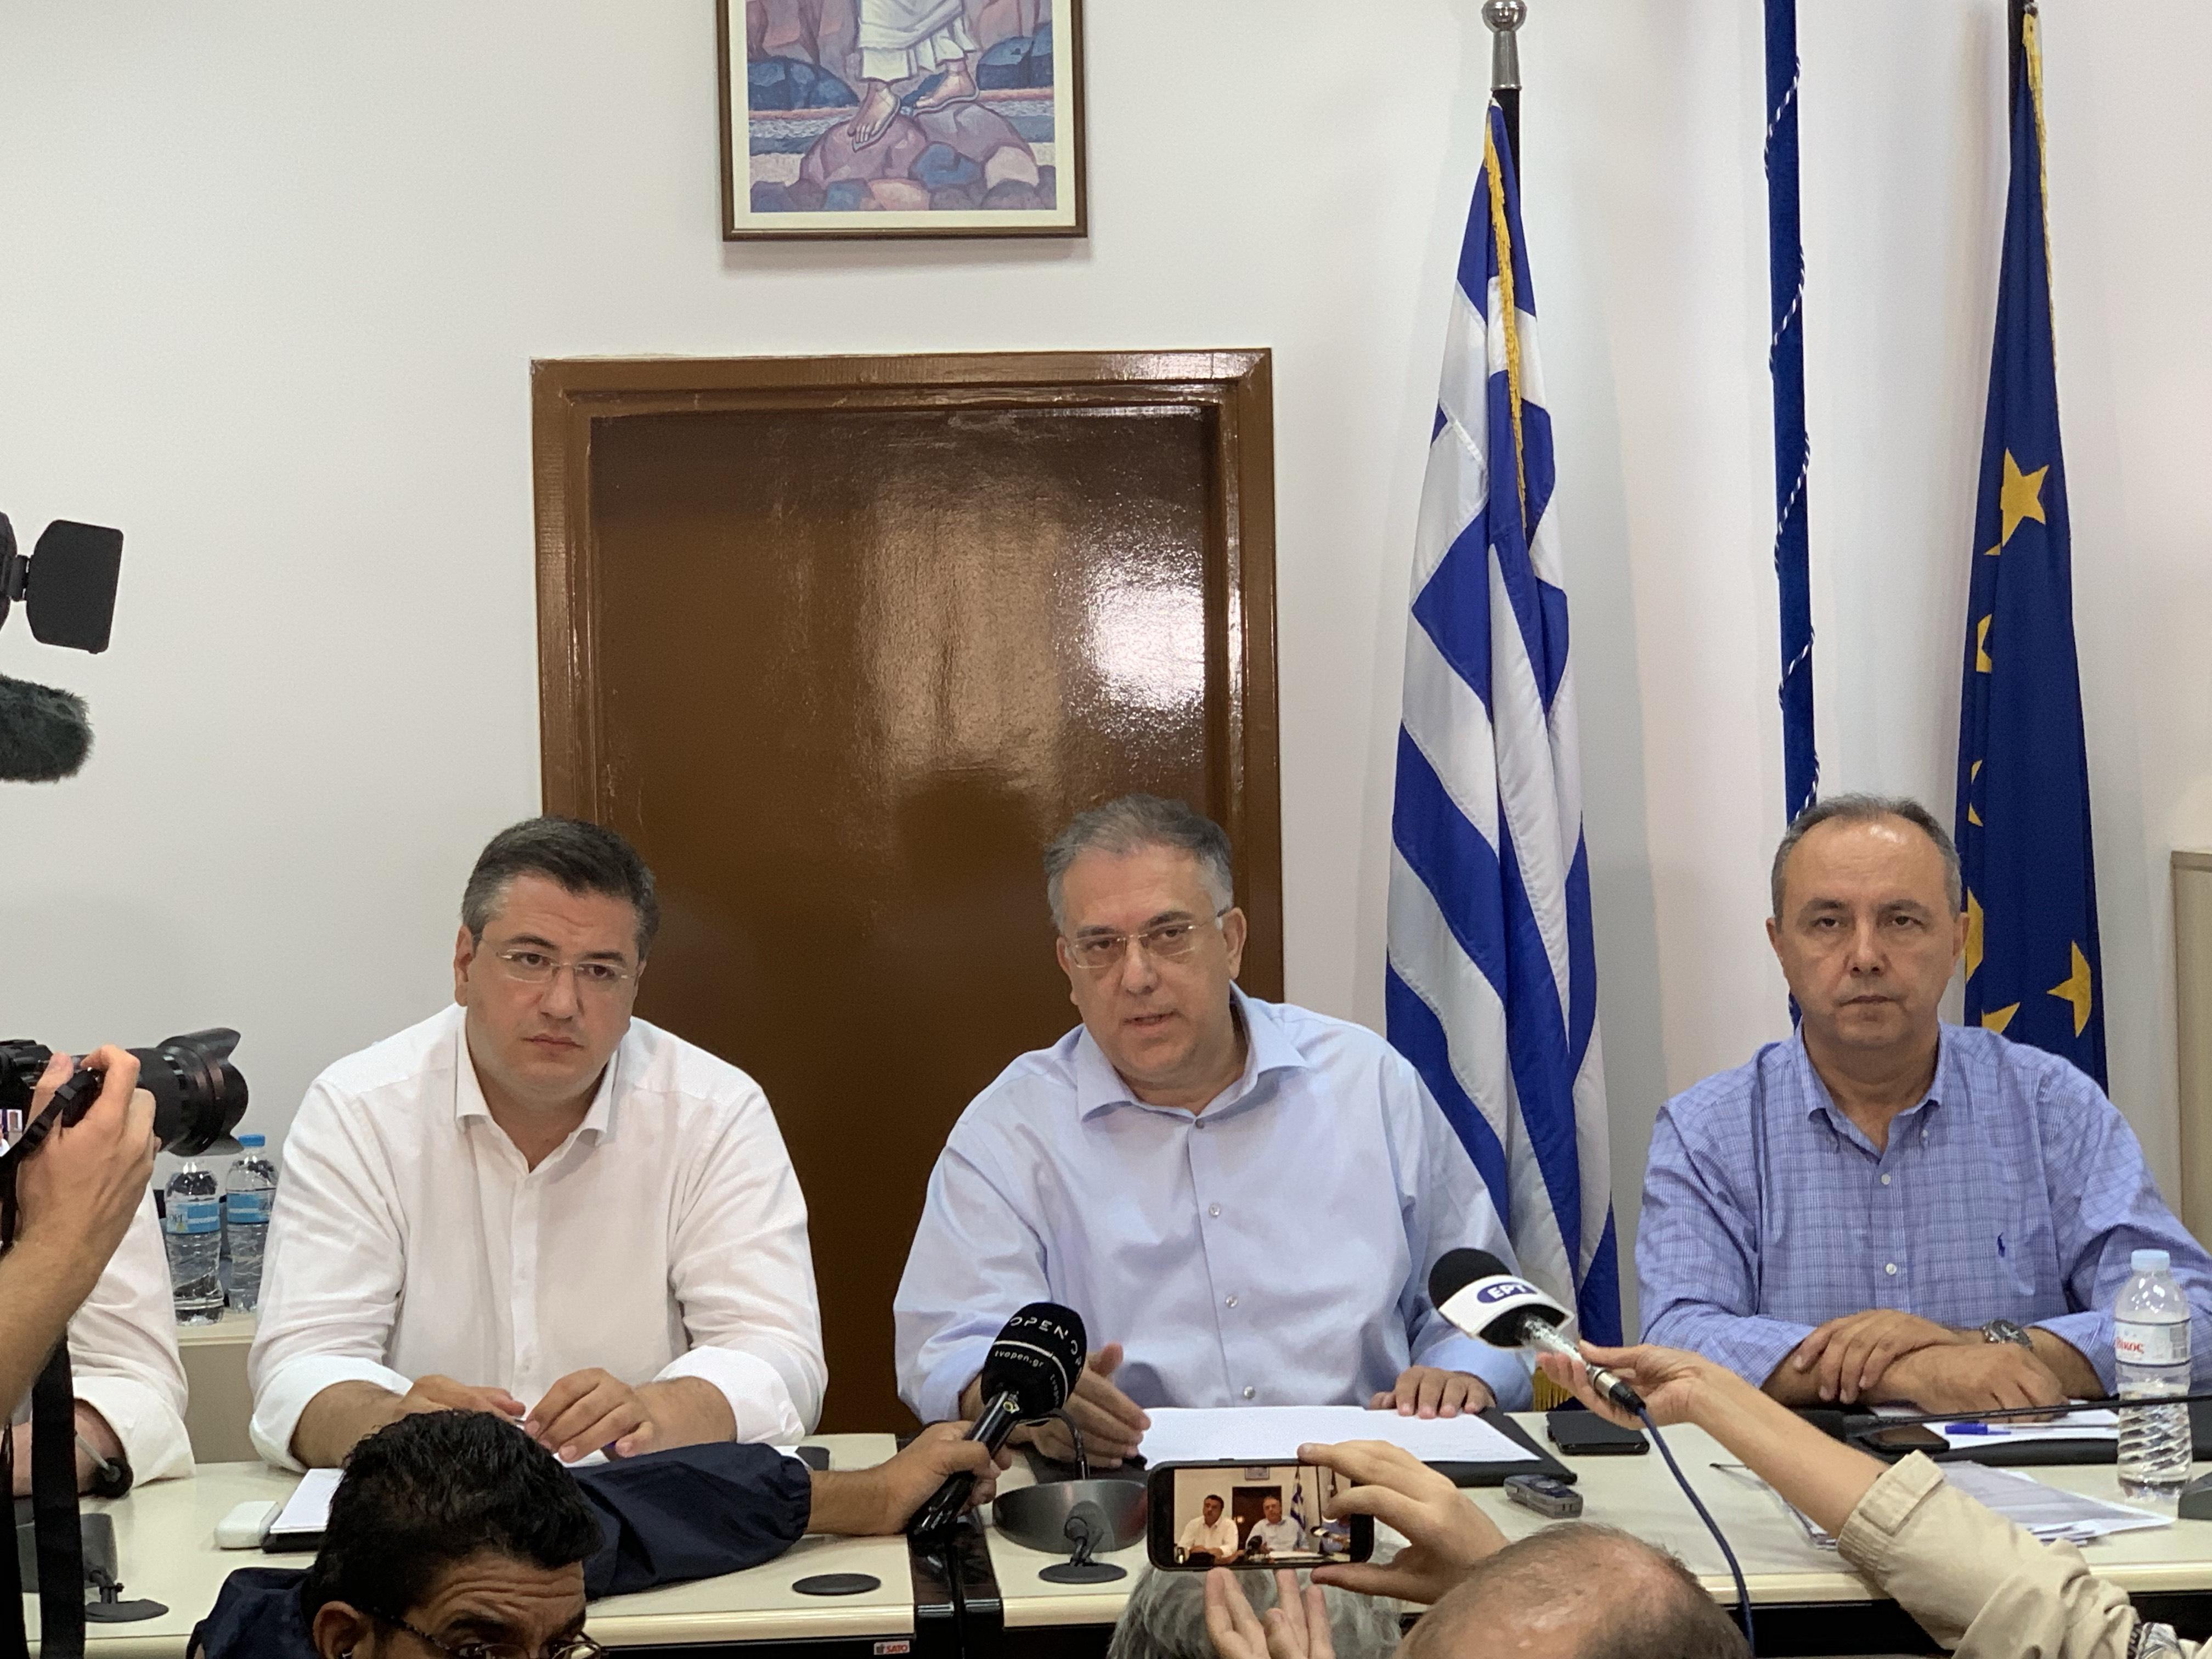 """Χαλκιδική: Η απόφαση του Μητσοτάκη μετά την αποτίμηση της φονικής κακοκαιρίας – Μήνυμα """"με εντολή πρωθυπουργού""""!"""